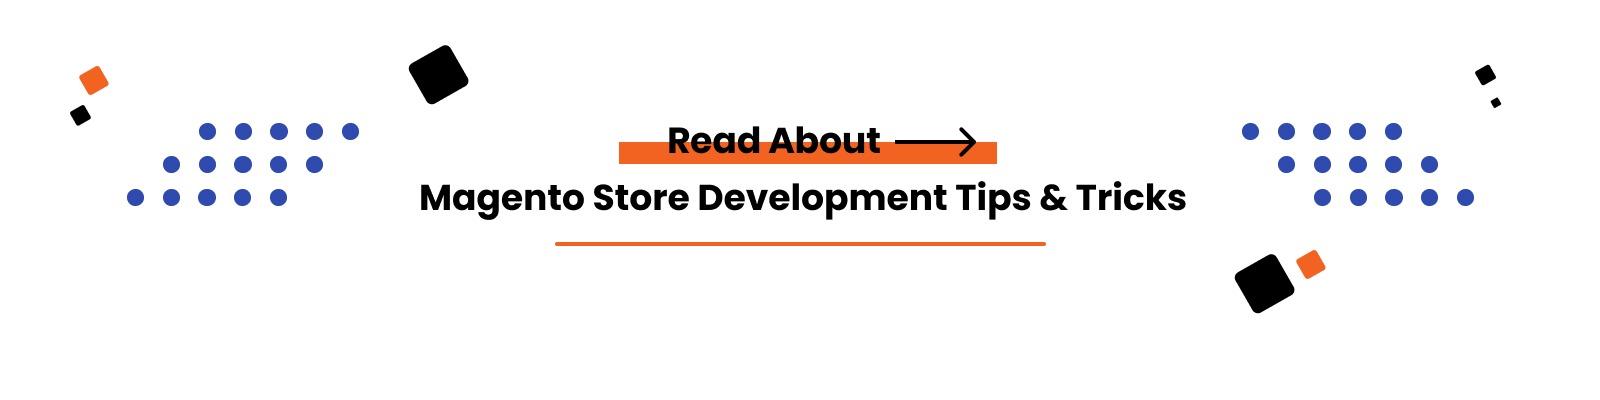 ELS-Schmuckwaren - Magento Store Development Tips